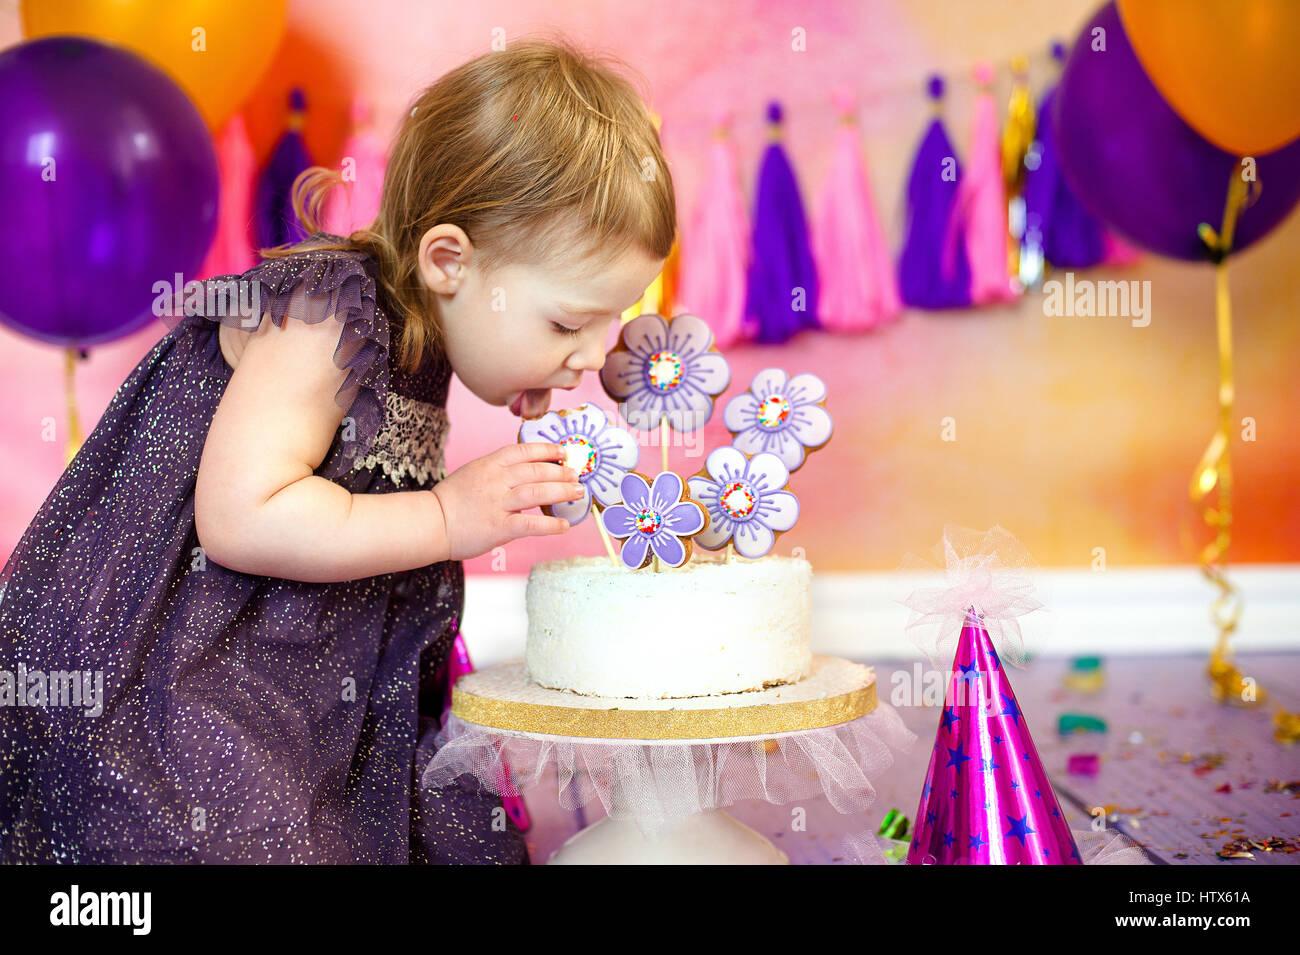 Feliz Fancy hermoso lindo celebra el cumpleaños de una niña de dos años. Imagen De Stock